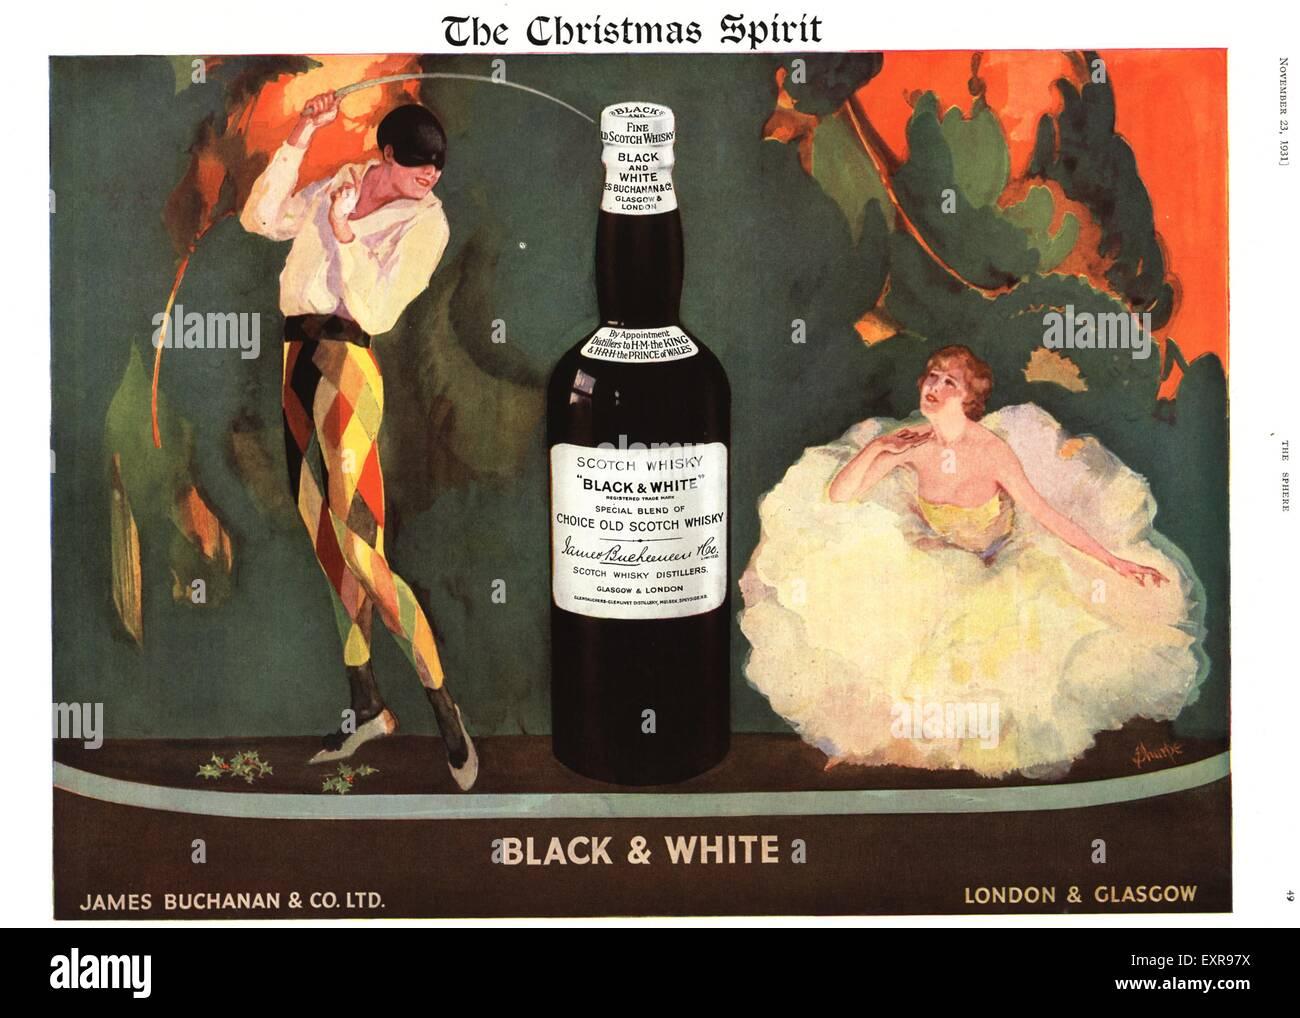 1930s UK Black and White Christmas Magazine Advert - Stock Image